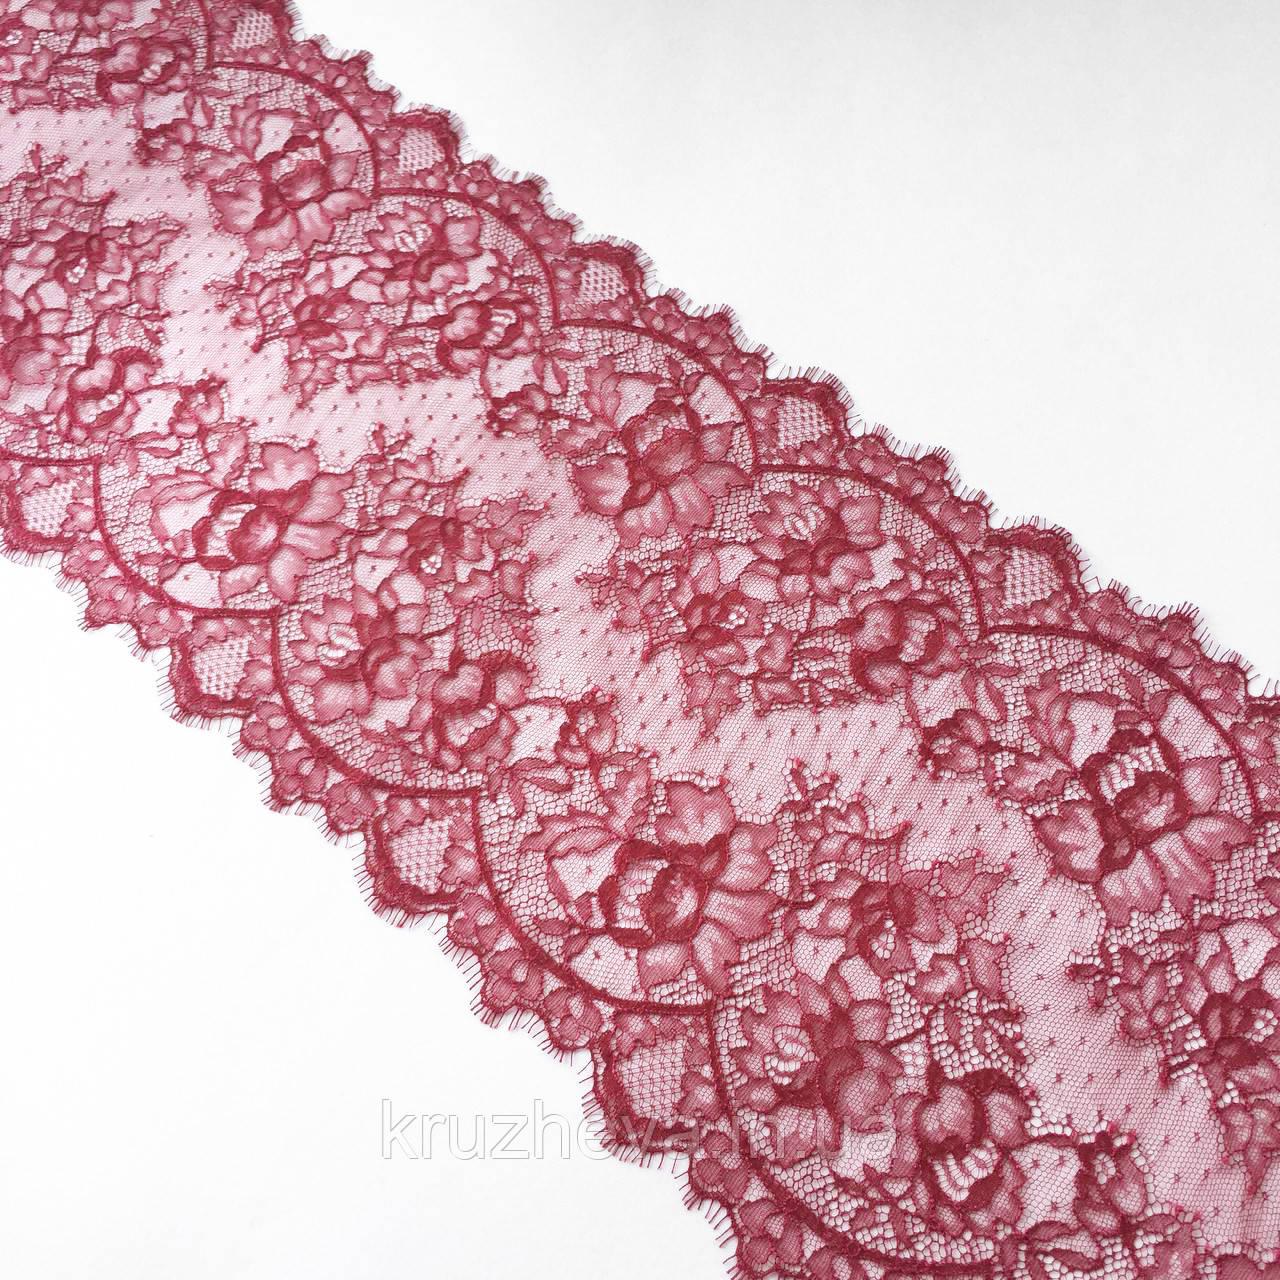 Ажурне французьке мереживо шантильї (з віями) малинового кольору шириною 23 см, довжина купона 2,5 м.